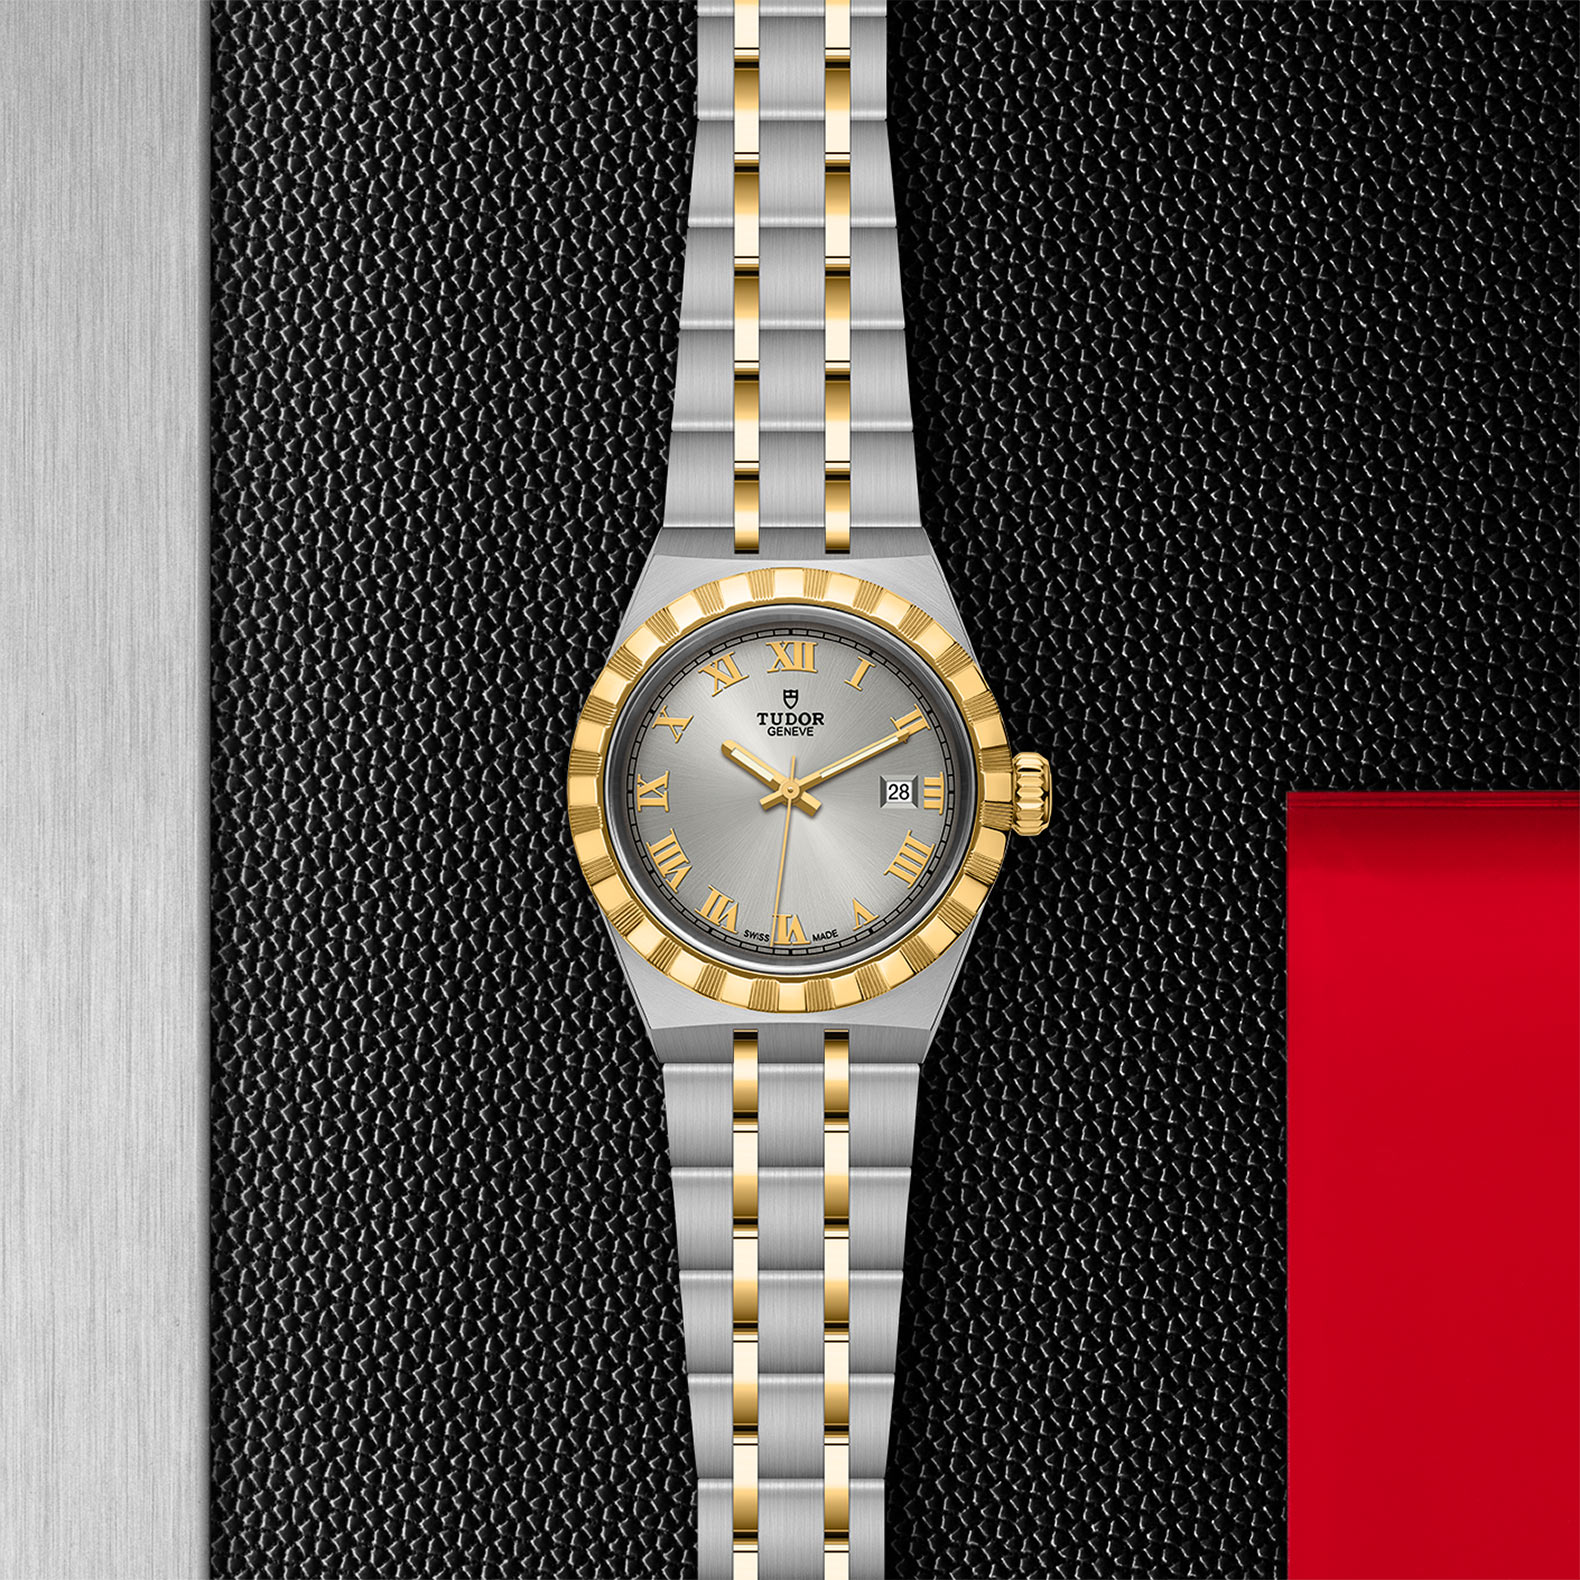 TUDOR Royal - M28303-0001